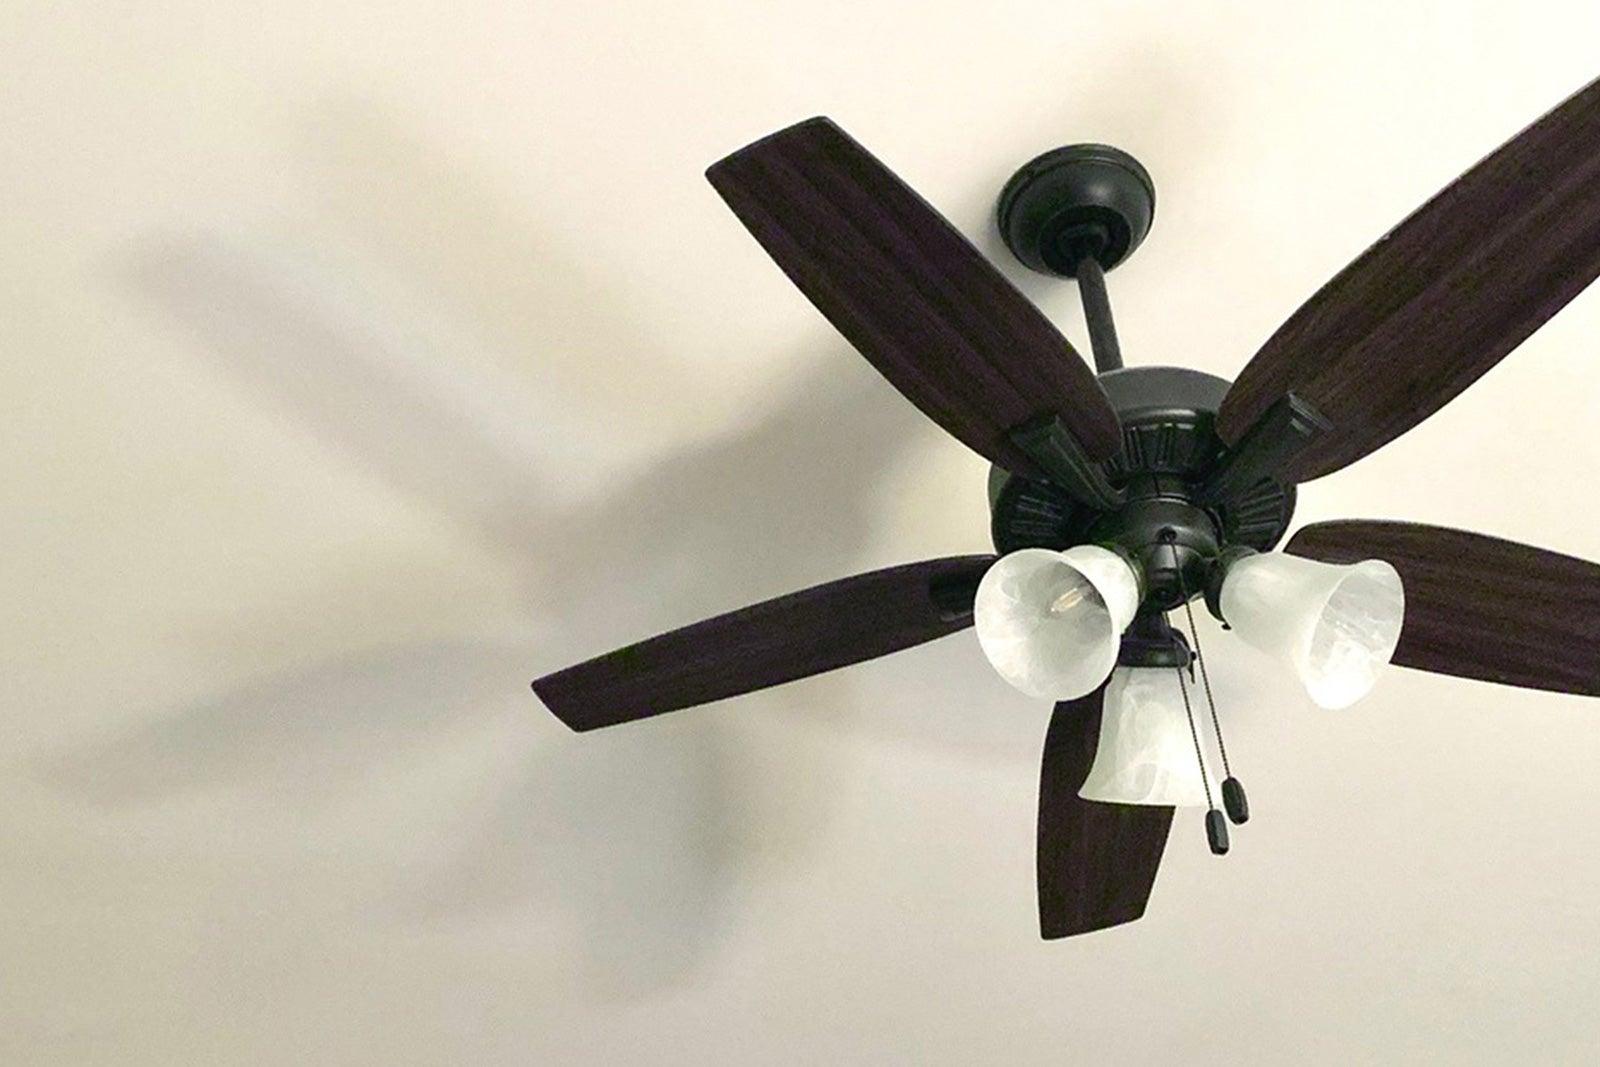 install_ceiling_fan.jpg